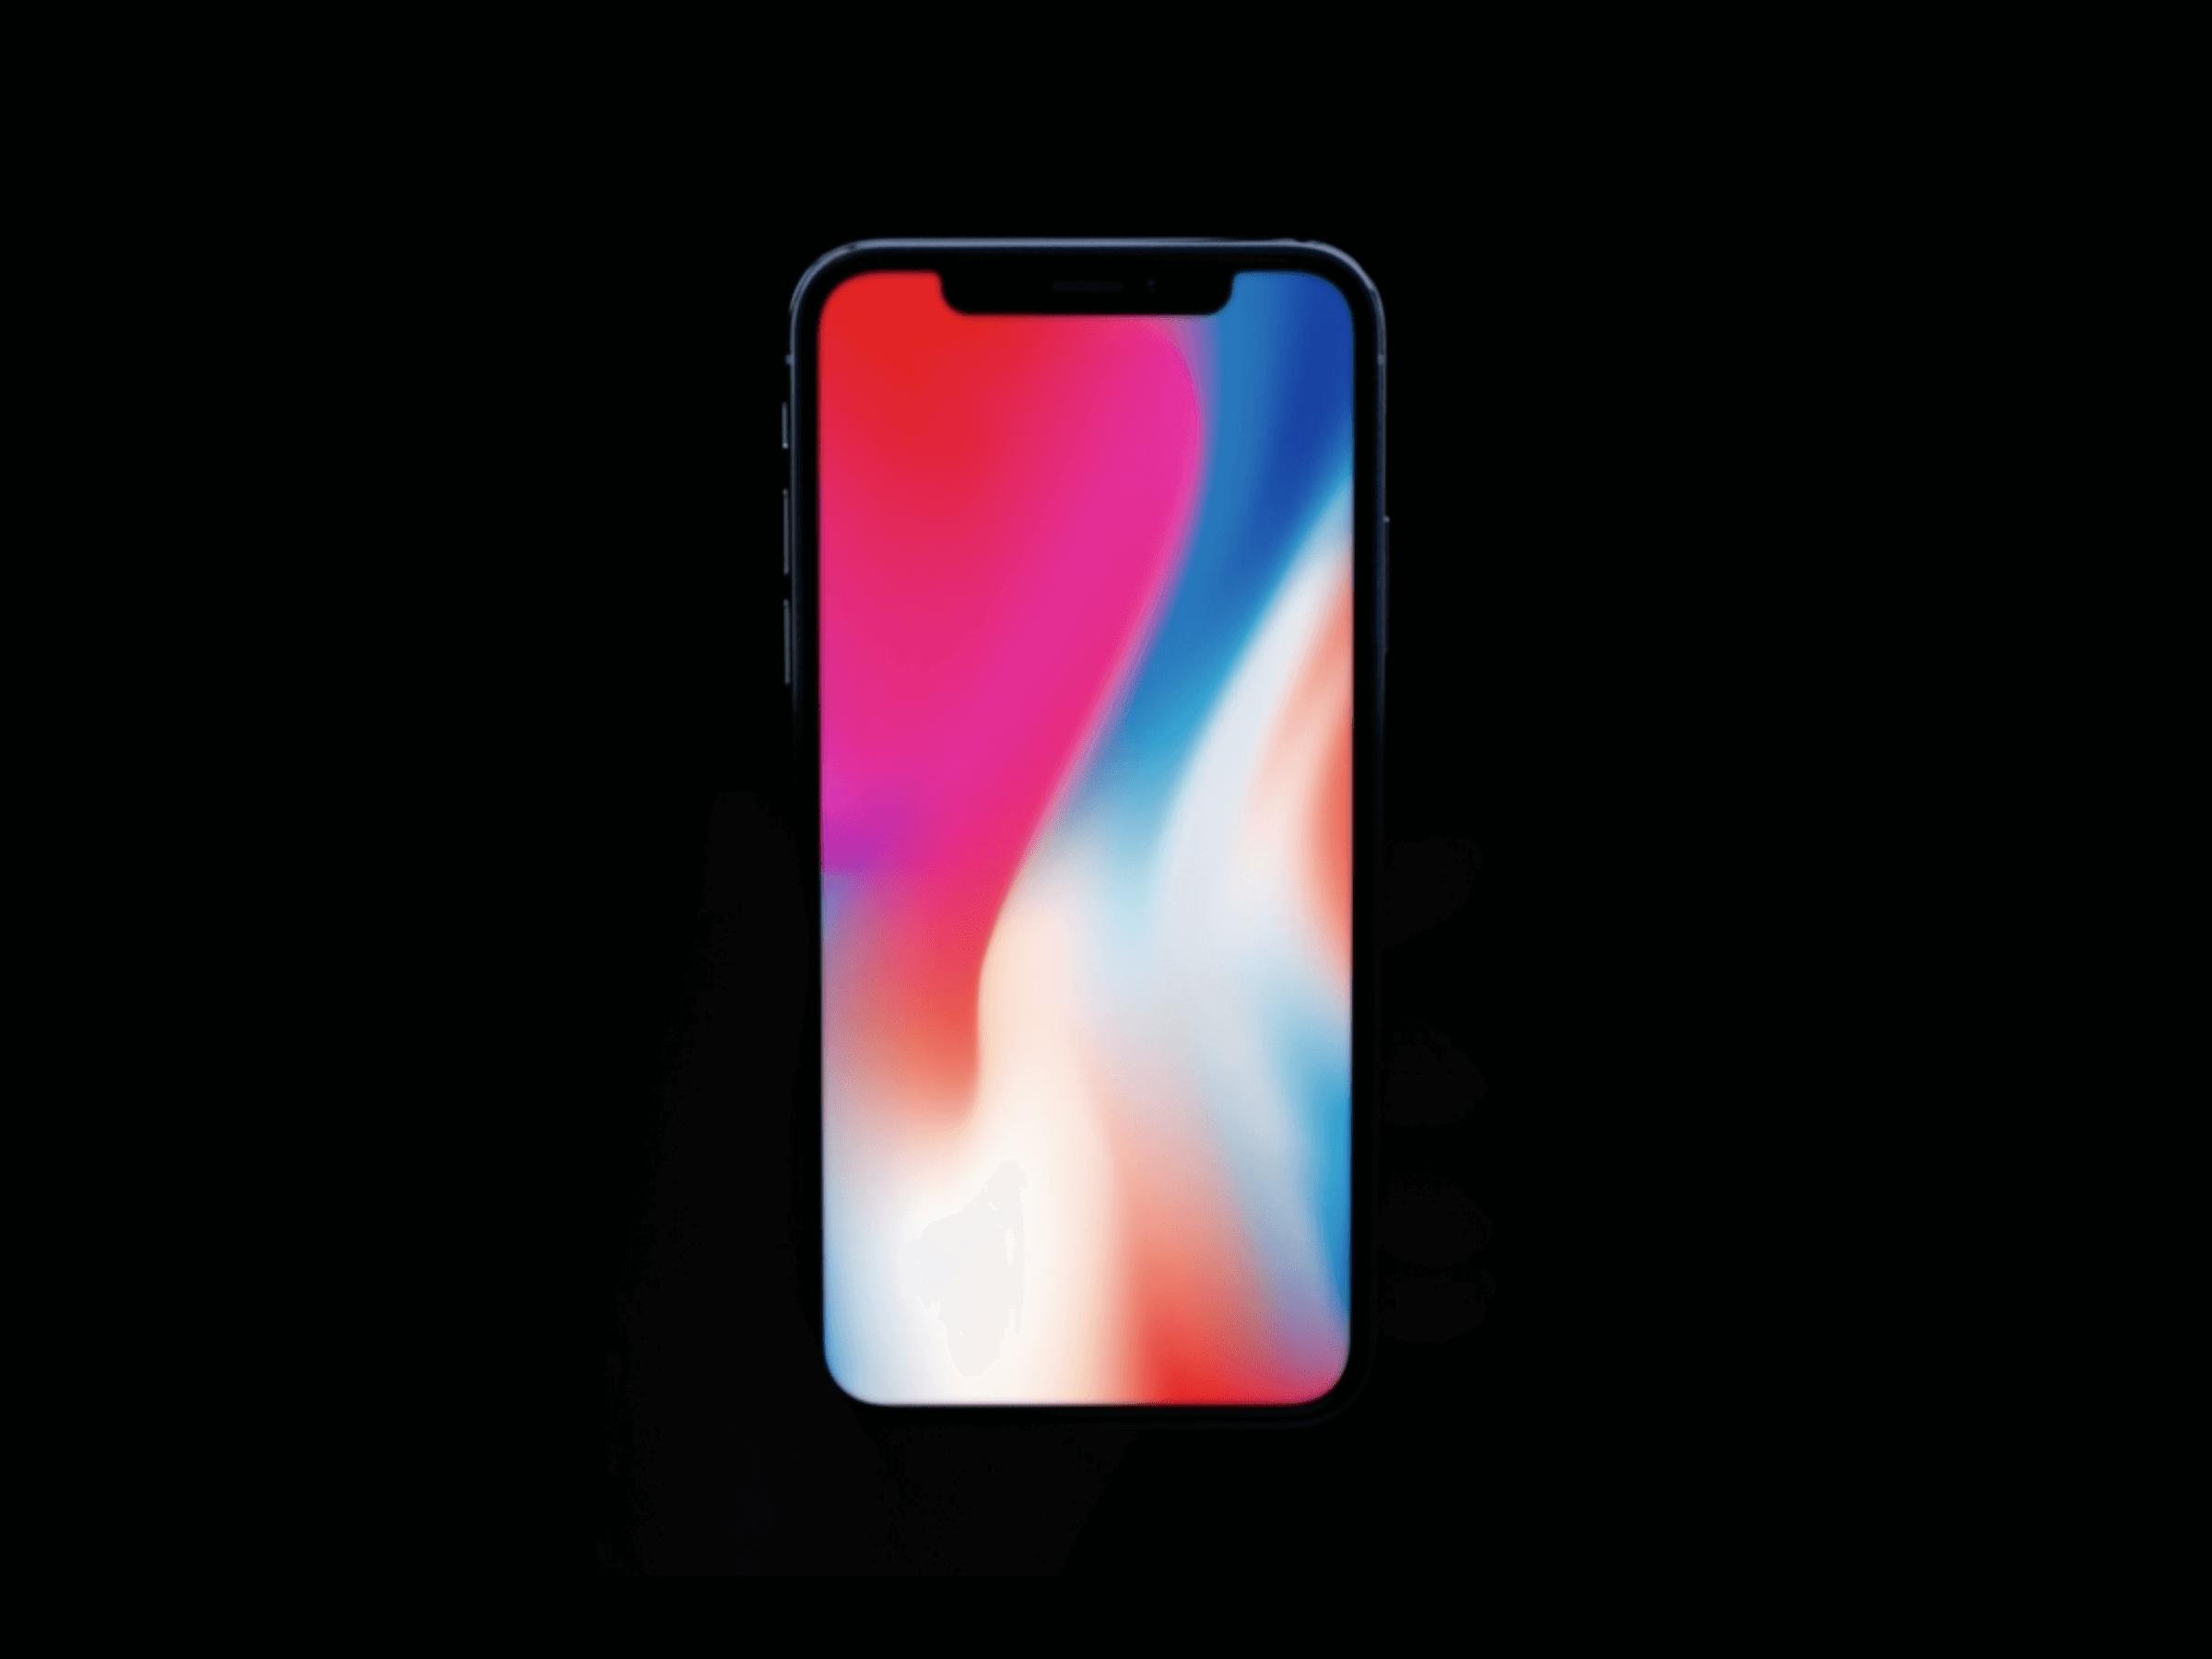 iphone screen lock time